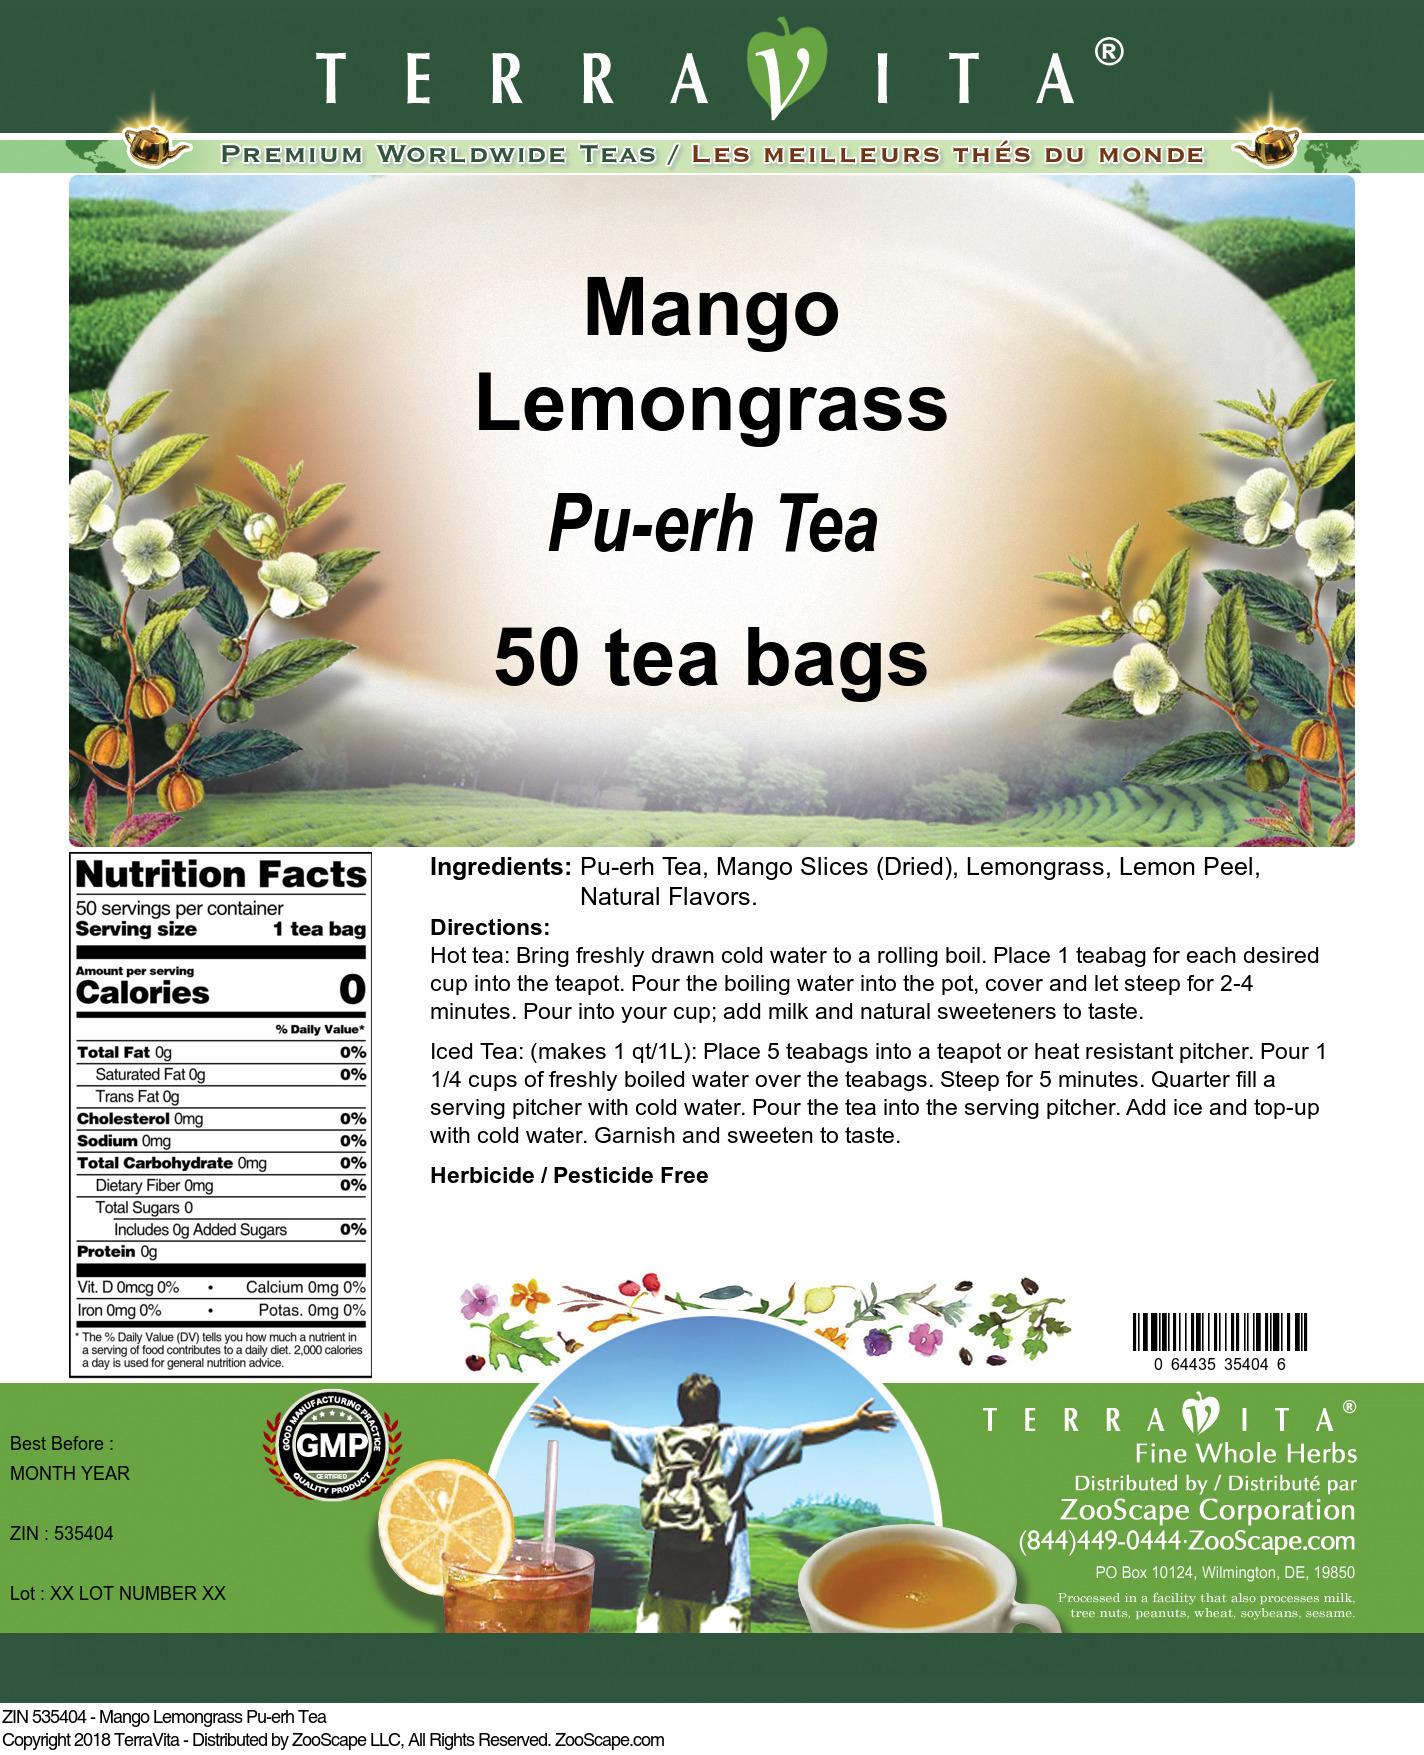 Mango Lemongrass Pu-erh Tea